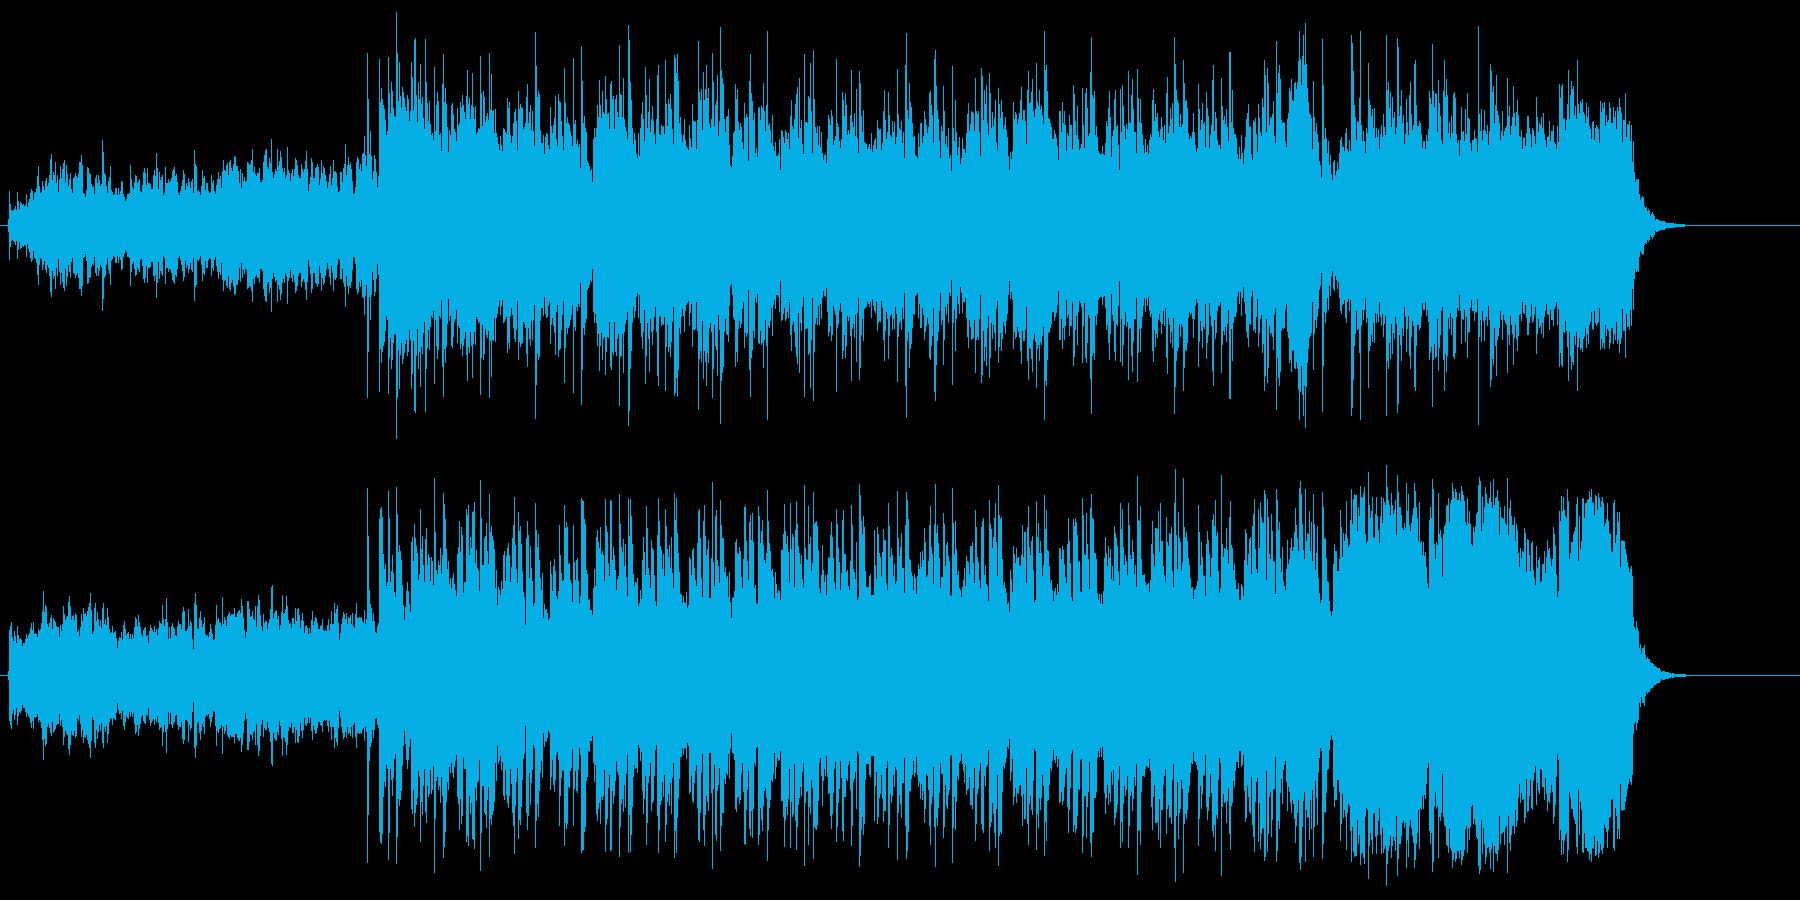 夜明けの澄み切ったイメージのポップスの再生済みの波形